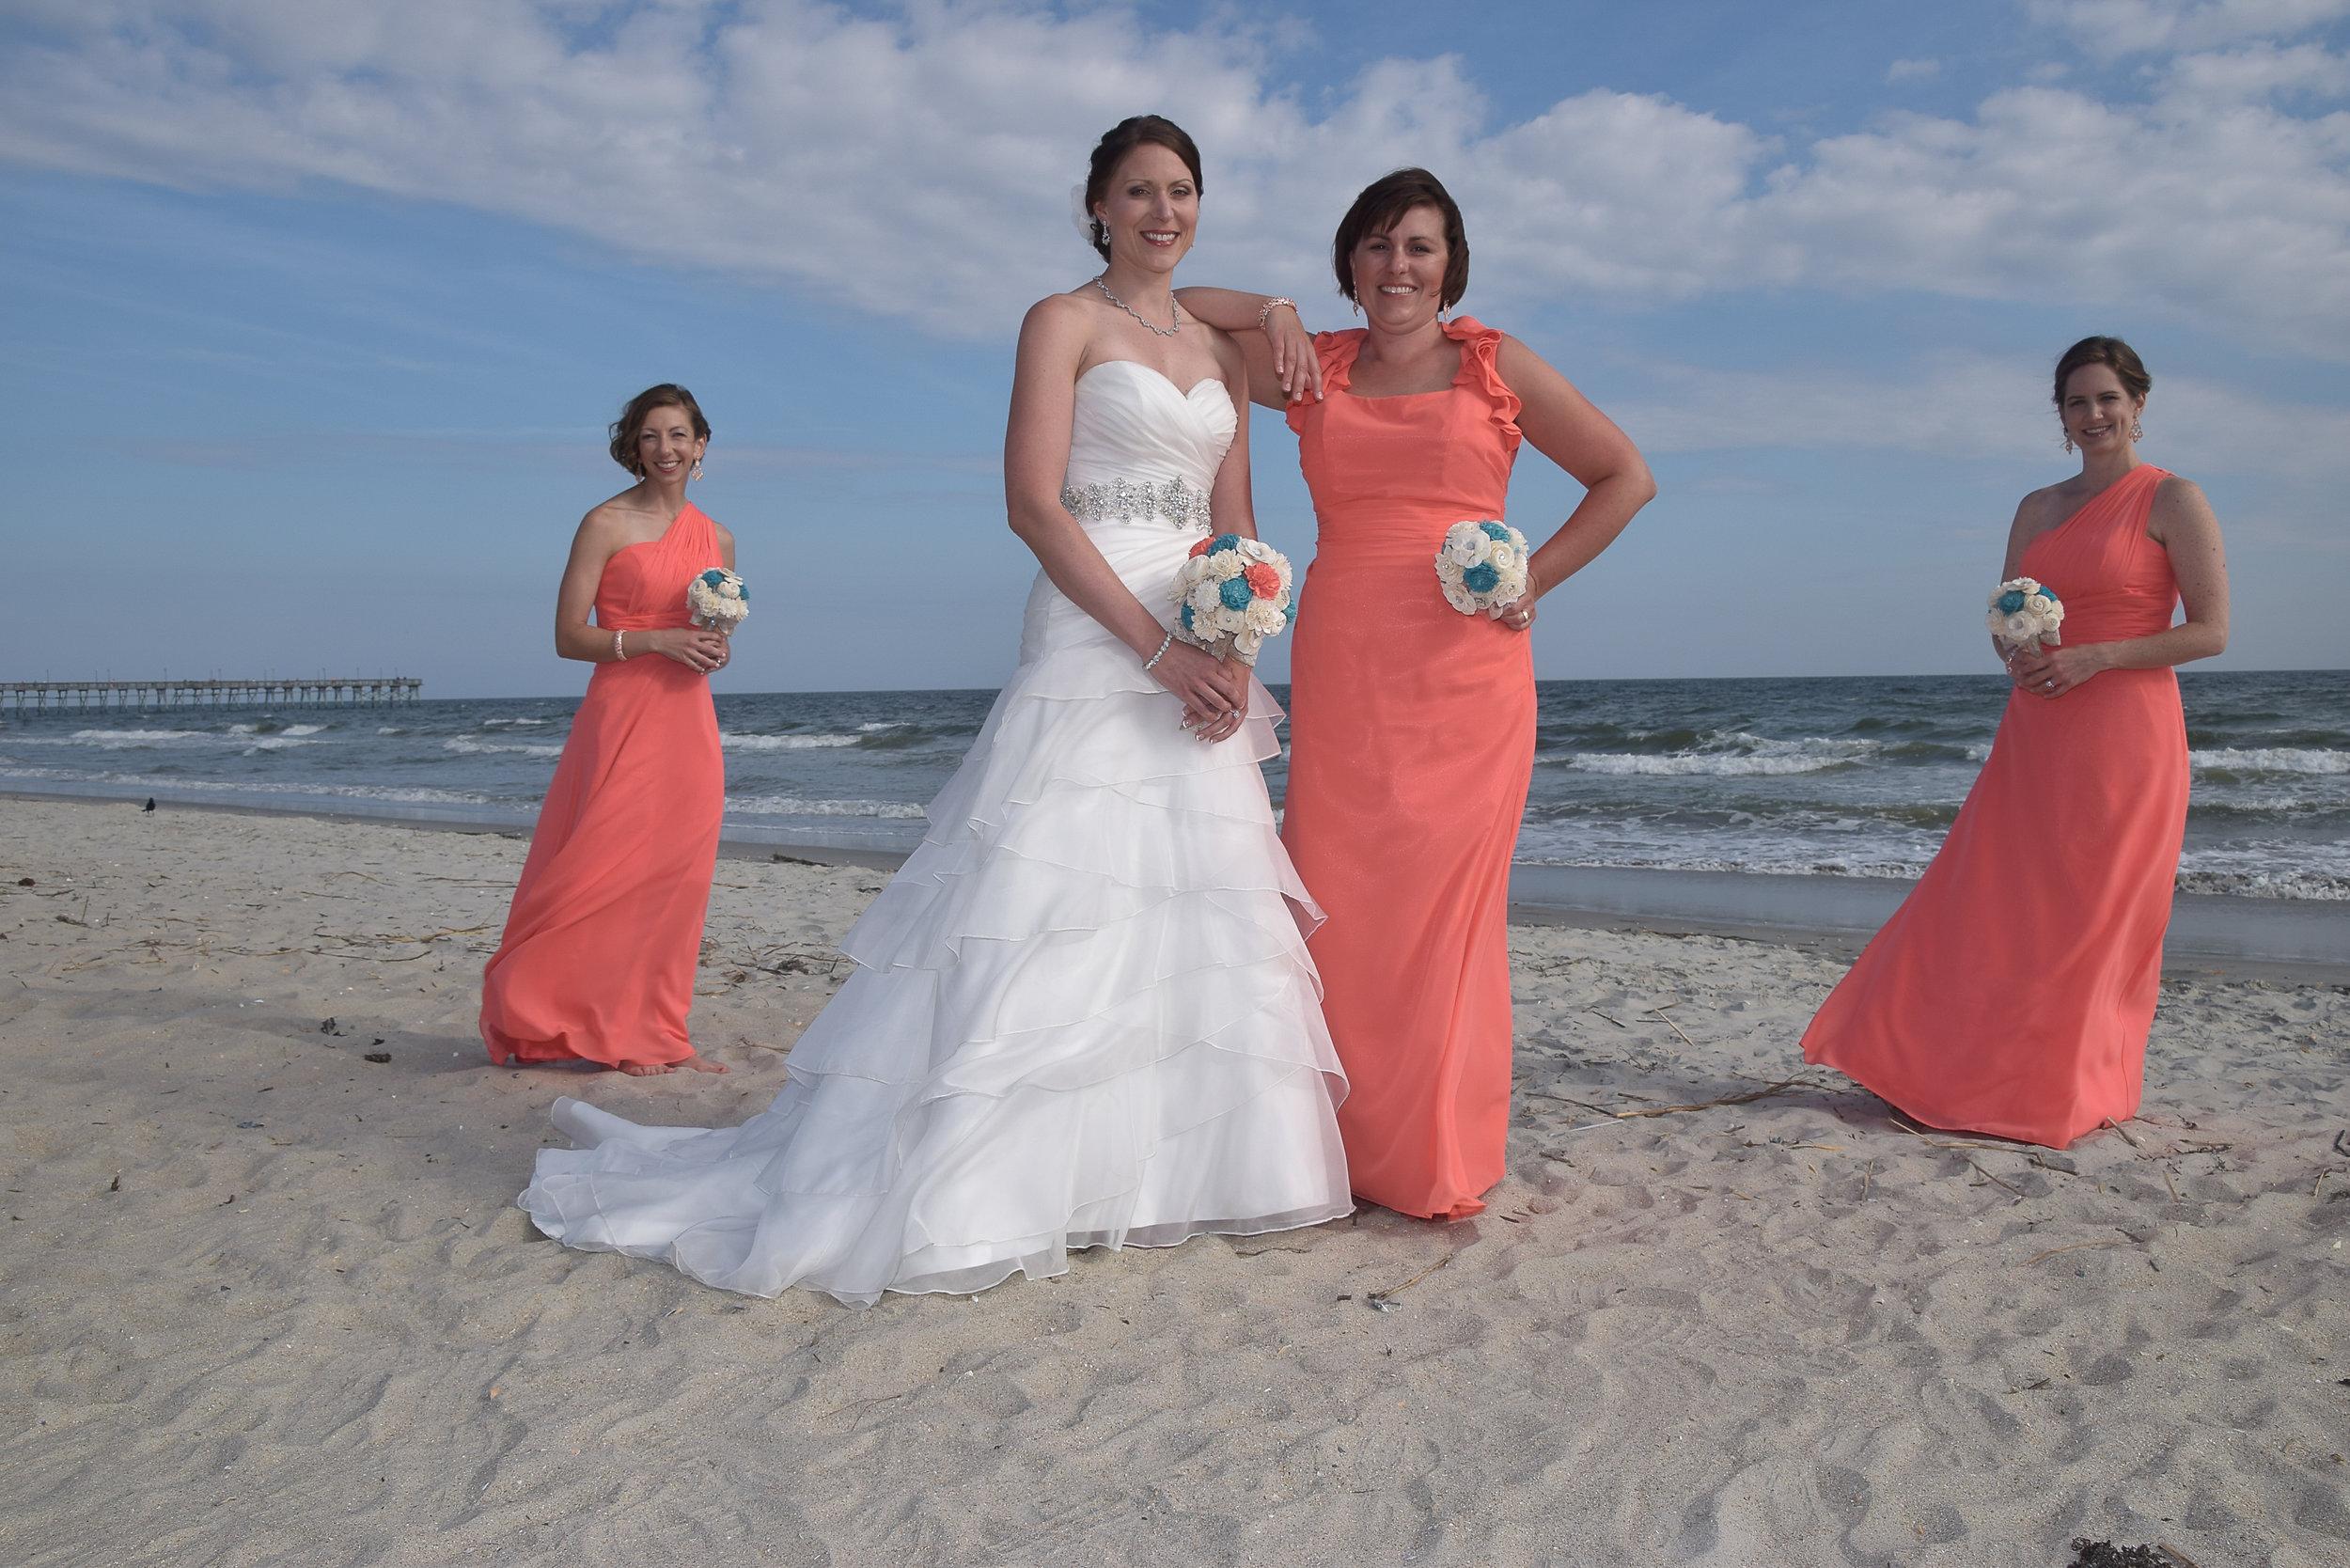 Bride posing with bridesmaids.